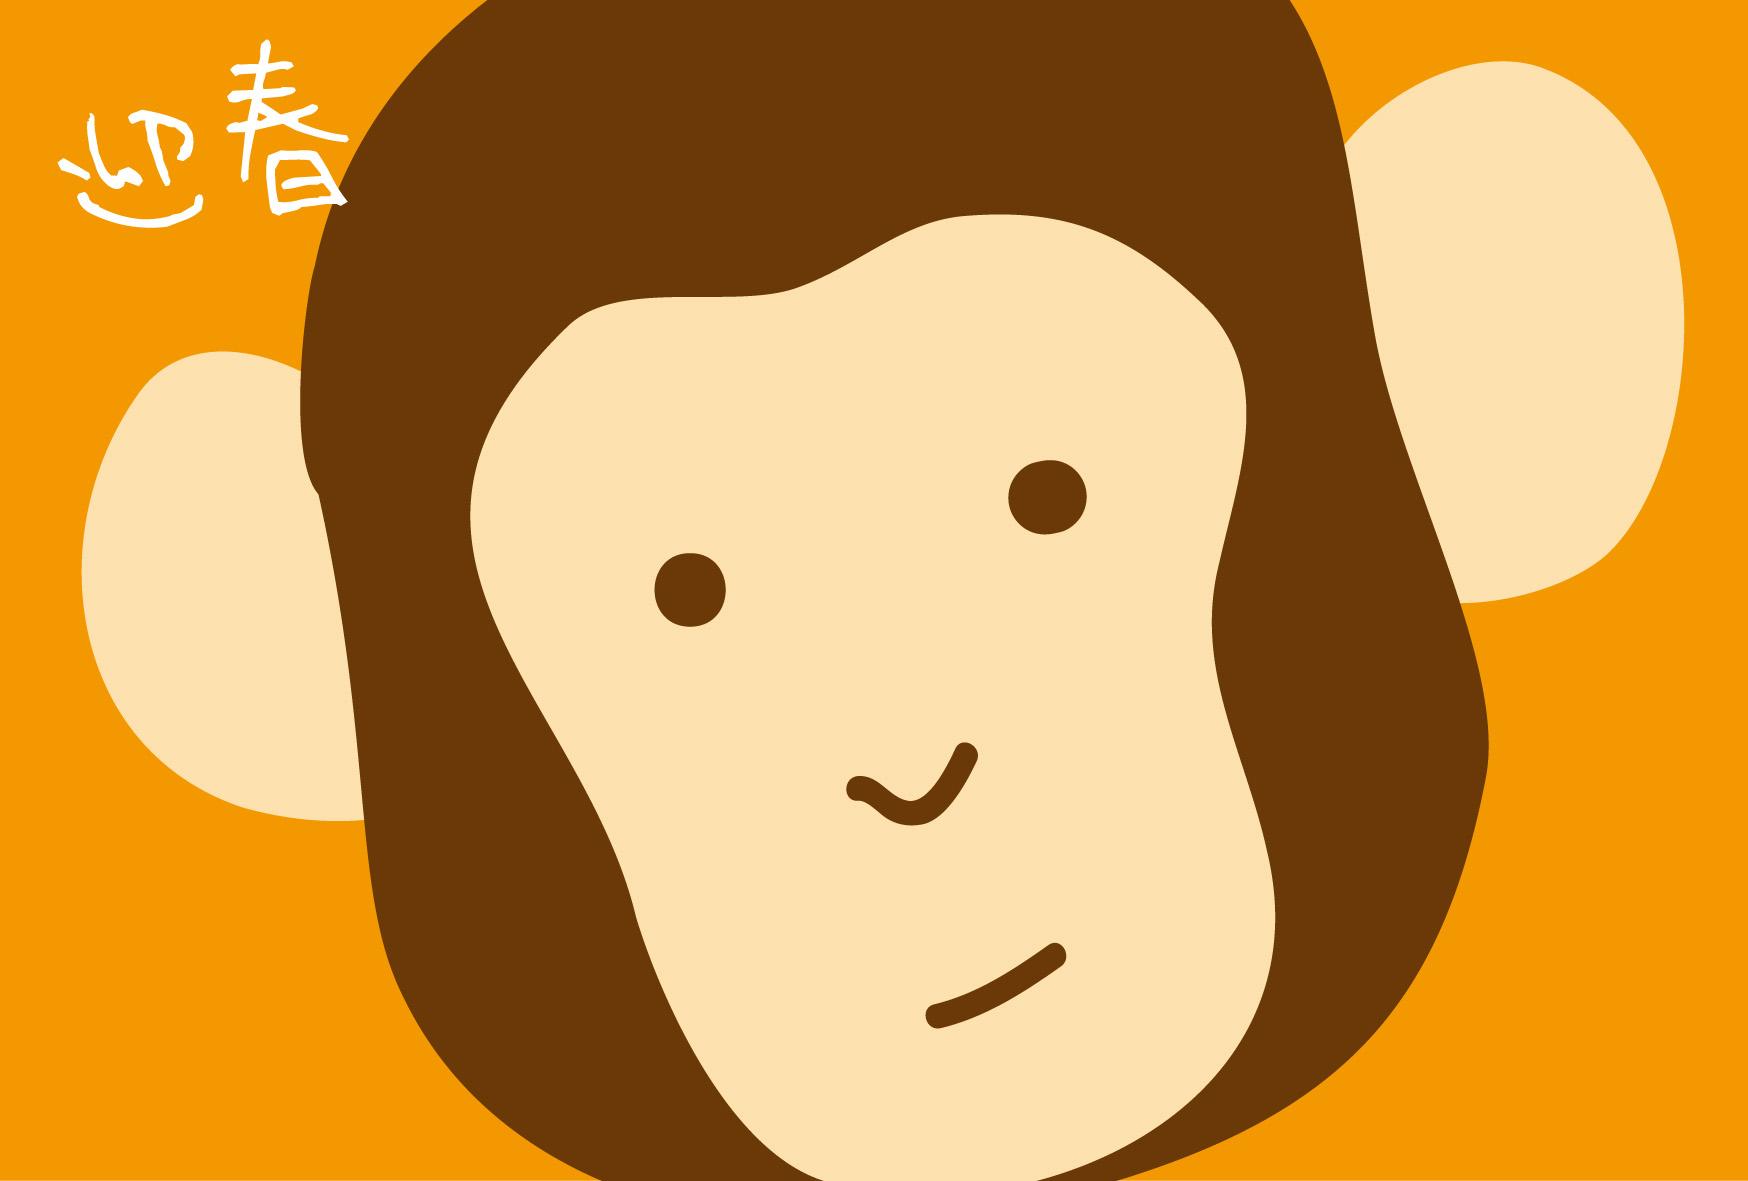 年賀状 2015年賀状無料ダウンロード : 印刷素材-年賀状テンプレート ...